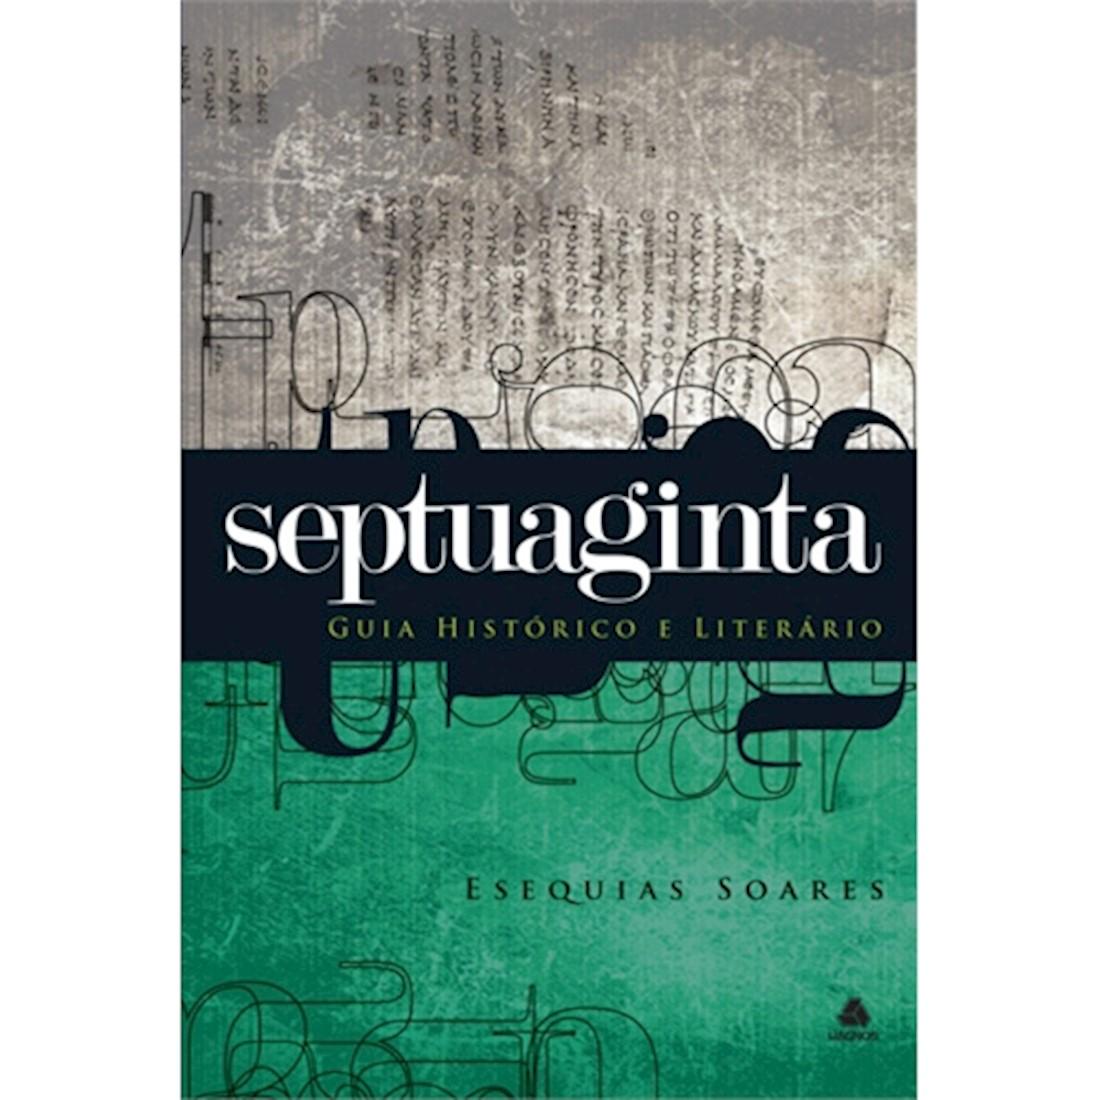 Livro Septuaginta